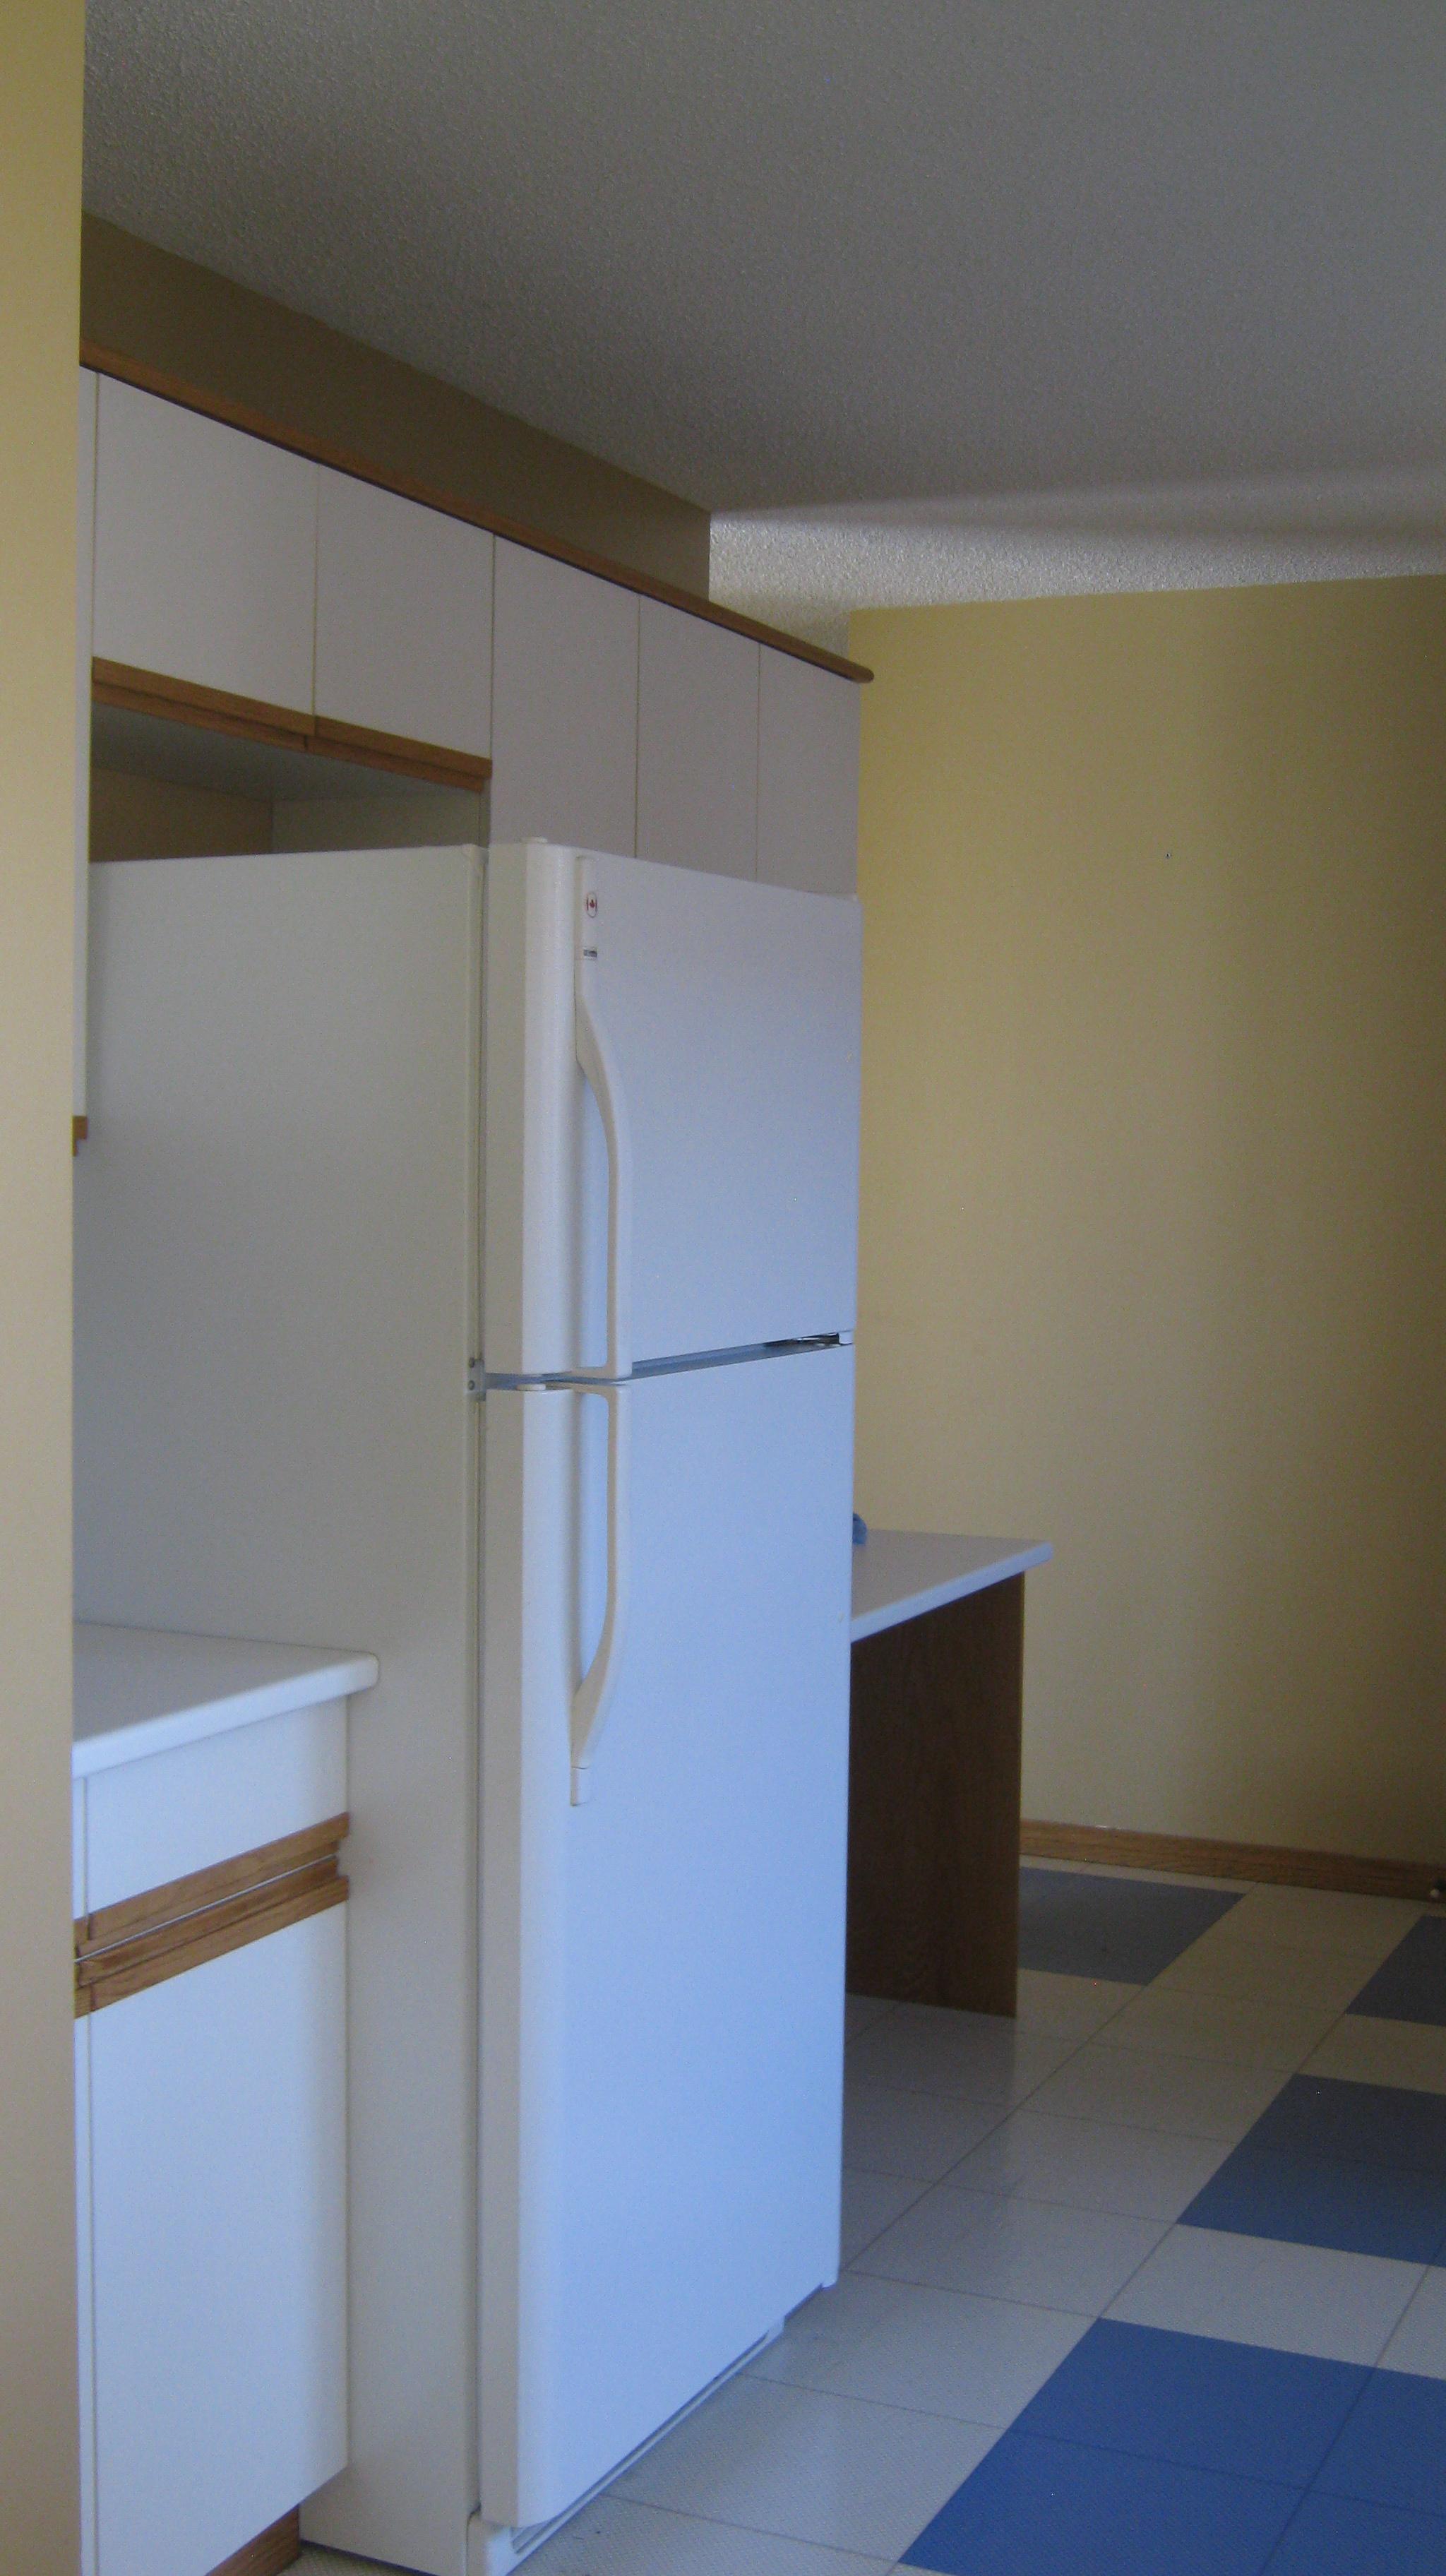 https://0901.nccdn.net/4_2/000/000/06b/a1b/Kitchen--2048x3648.jpg